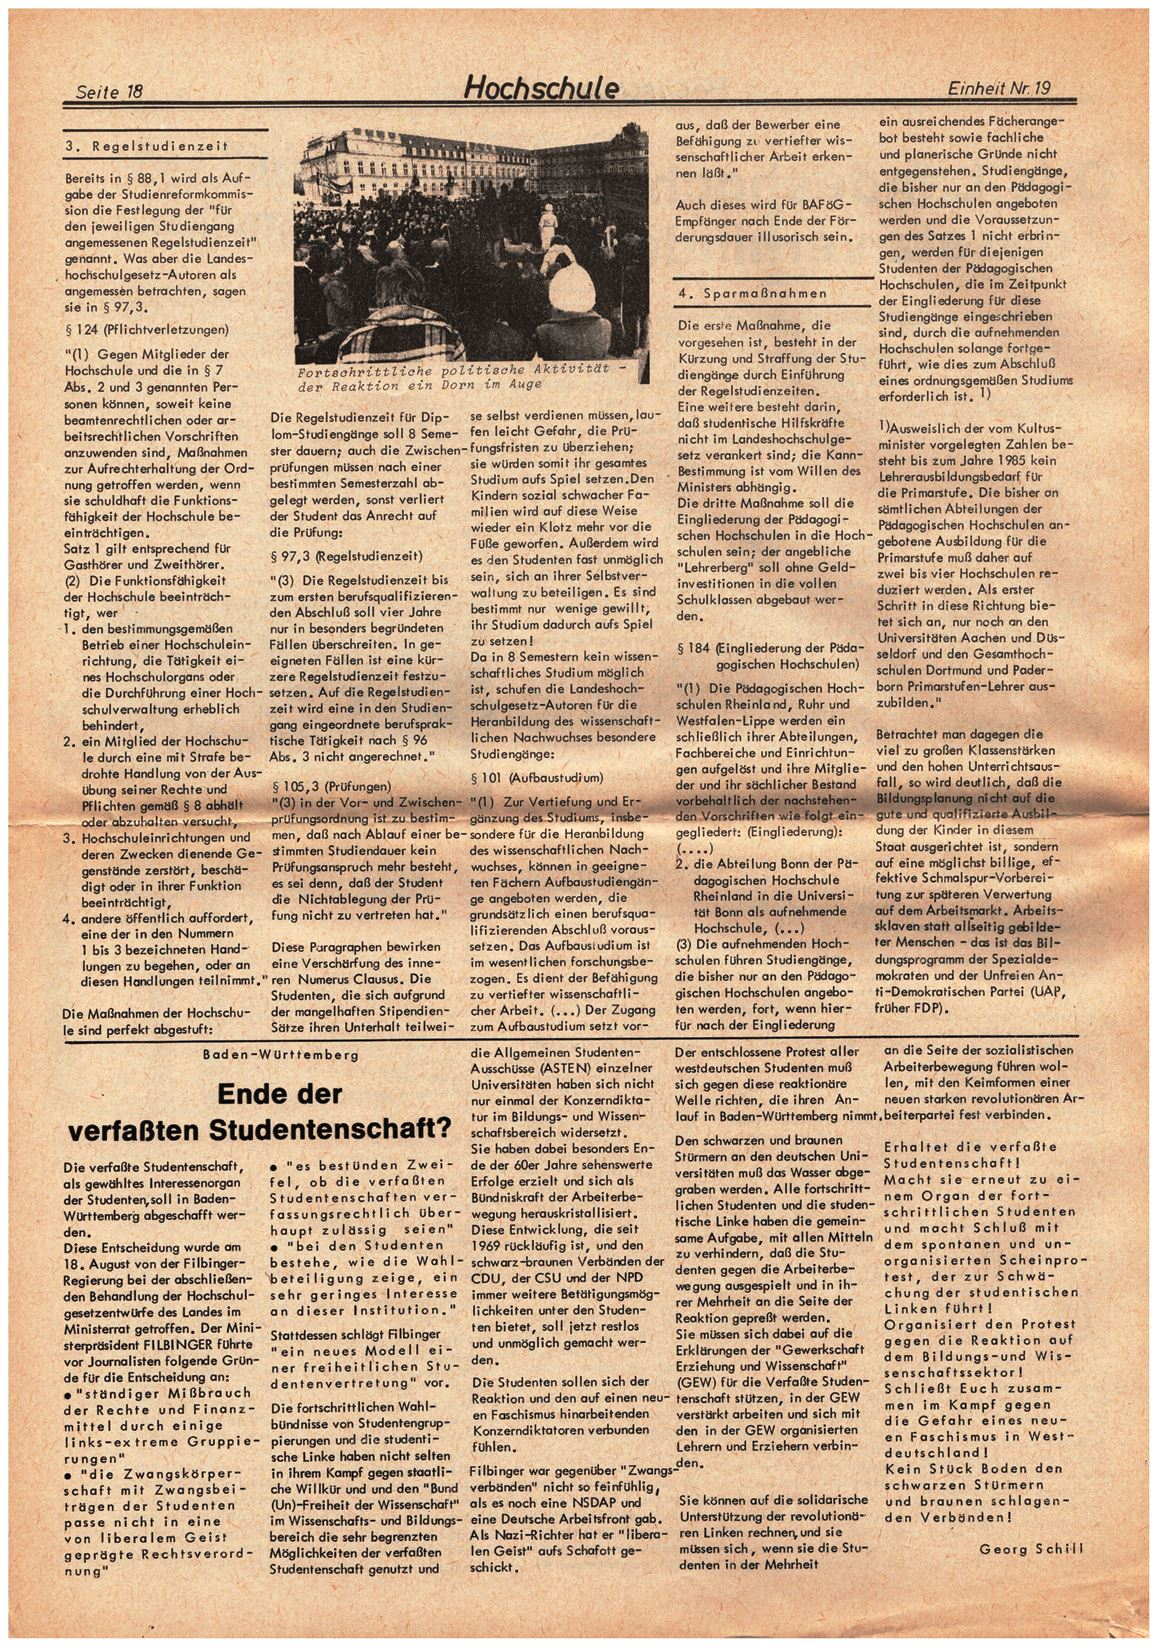 Koeln_IPdA_Einheit_1977_019_018